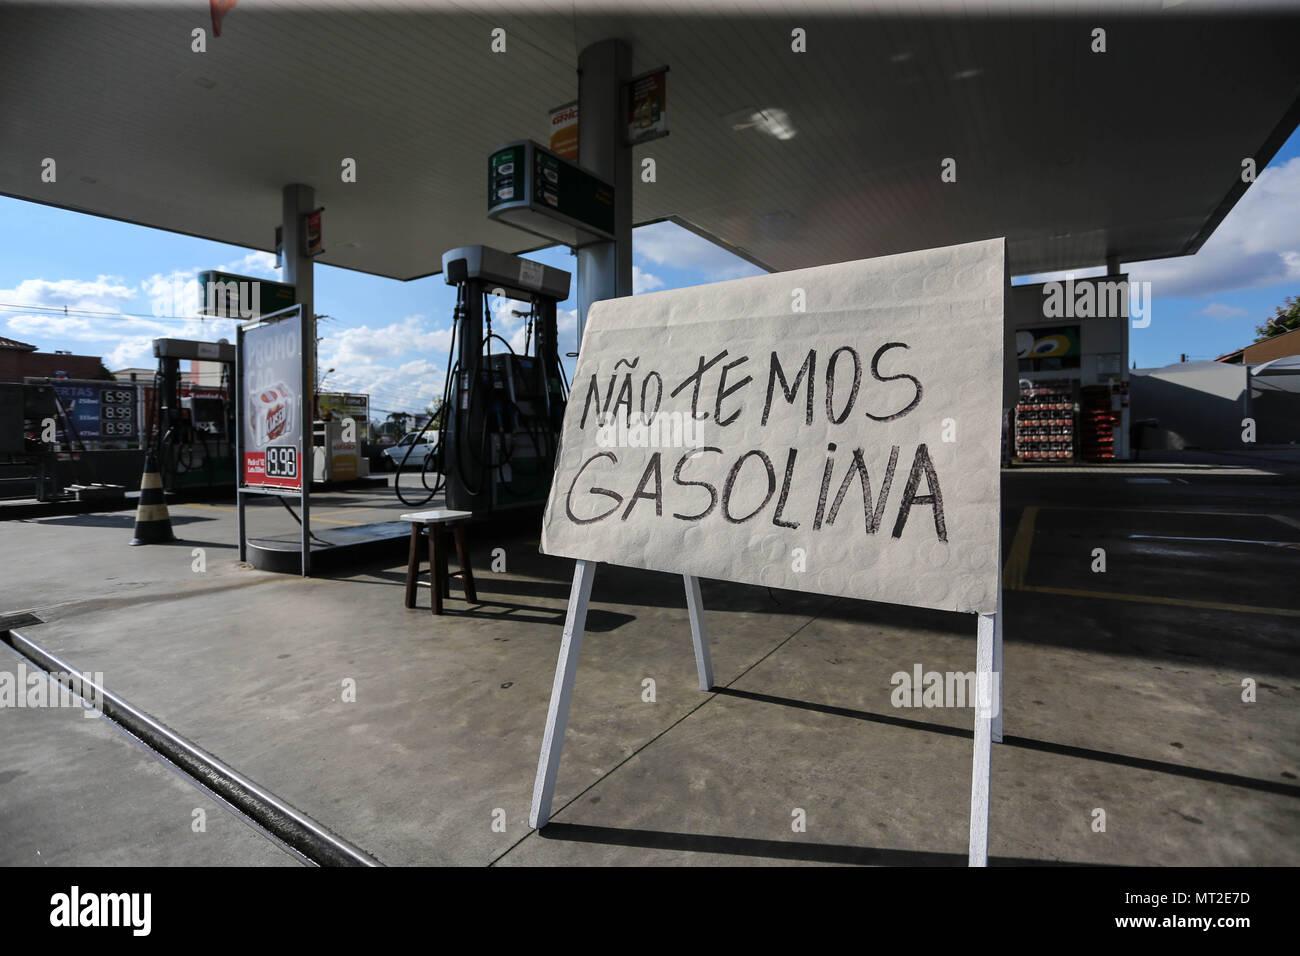 Mayo 27, 2018 - Curitiba, Brasil - ParanÃ, estación de combustible de Curitiba (Paraná - Brasil), en la tarde del domingo, 25. Concluyó hoy siete días de protestas por parte de los camioneros en Brasil. En las estaciones que reciben la carga se registraron colas que llegaron a dos kilómetros de longitud, con espera de hasta cinco horas y sin la certeza de un tanque lleno. Foto: Geraldo Bubniak crédito: Foto: Geraldo Bubniak/Zuma alambre/Alamy Live News Imagen De Stock